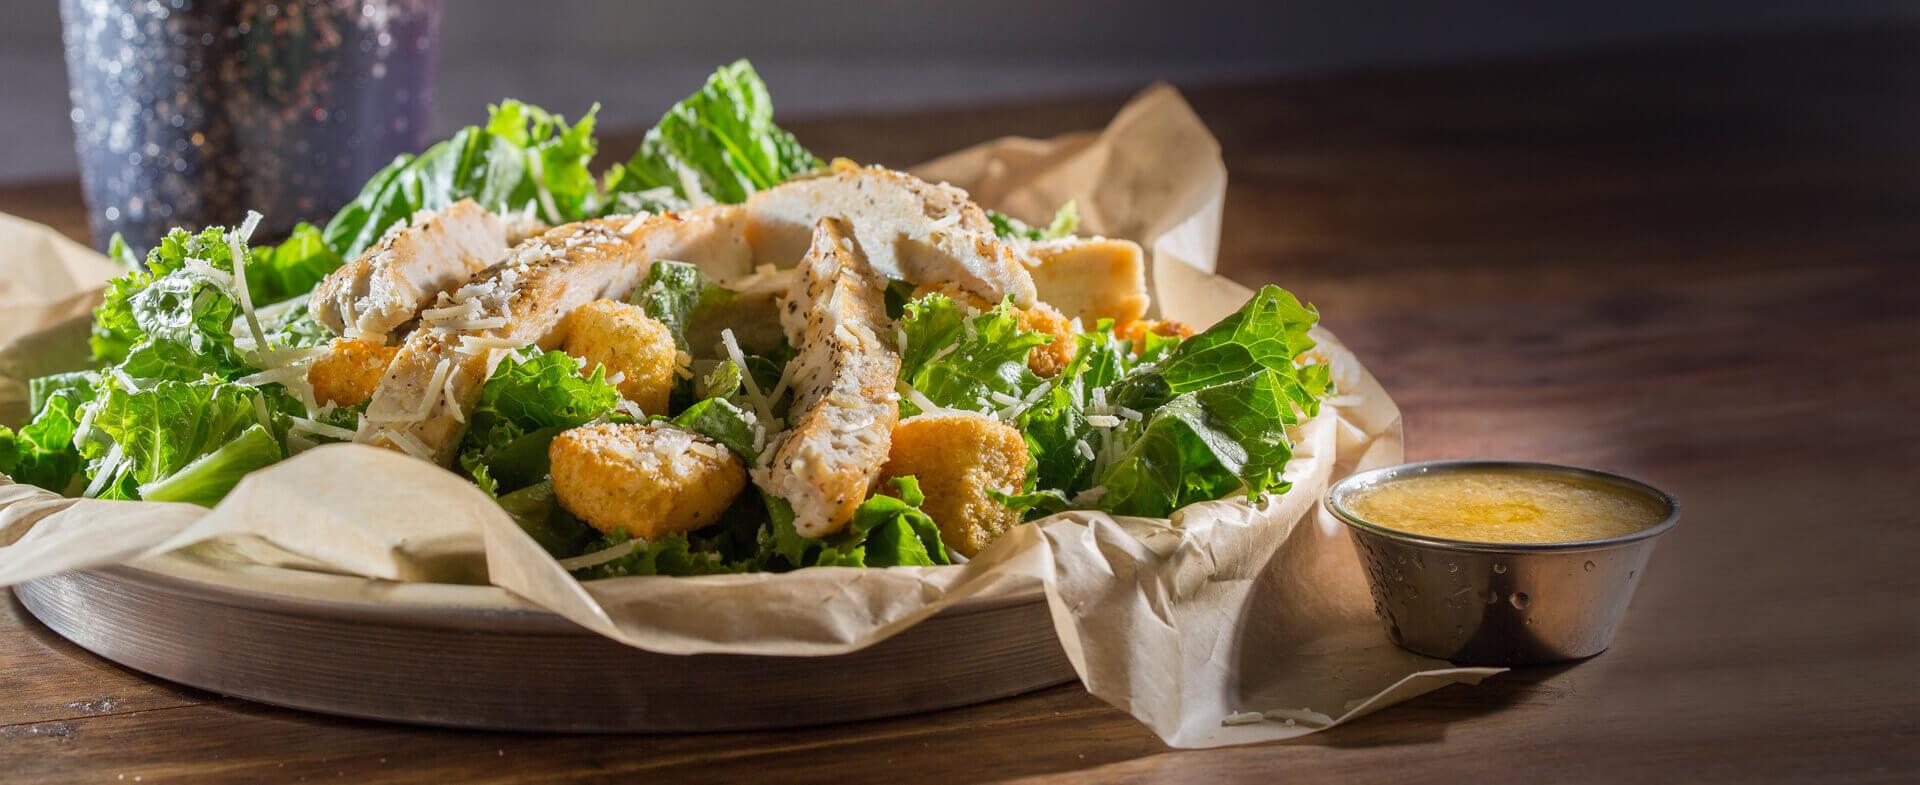 Wayback Burgers Chicken Caesar Salad